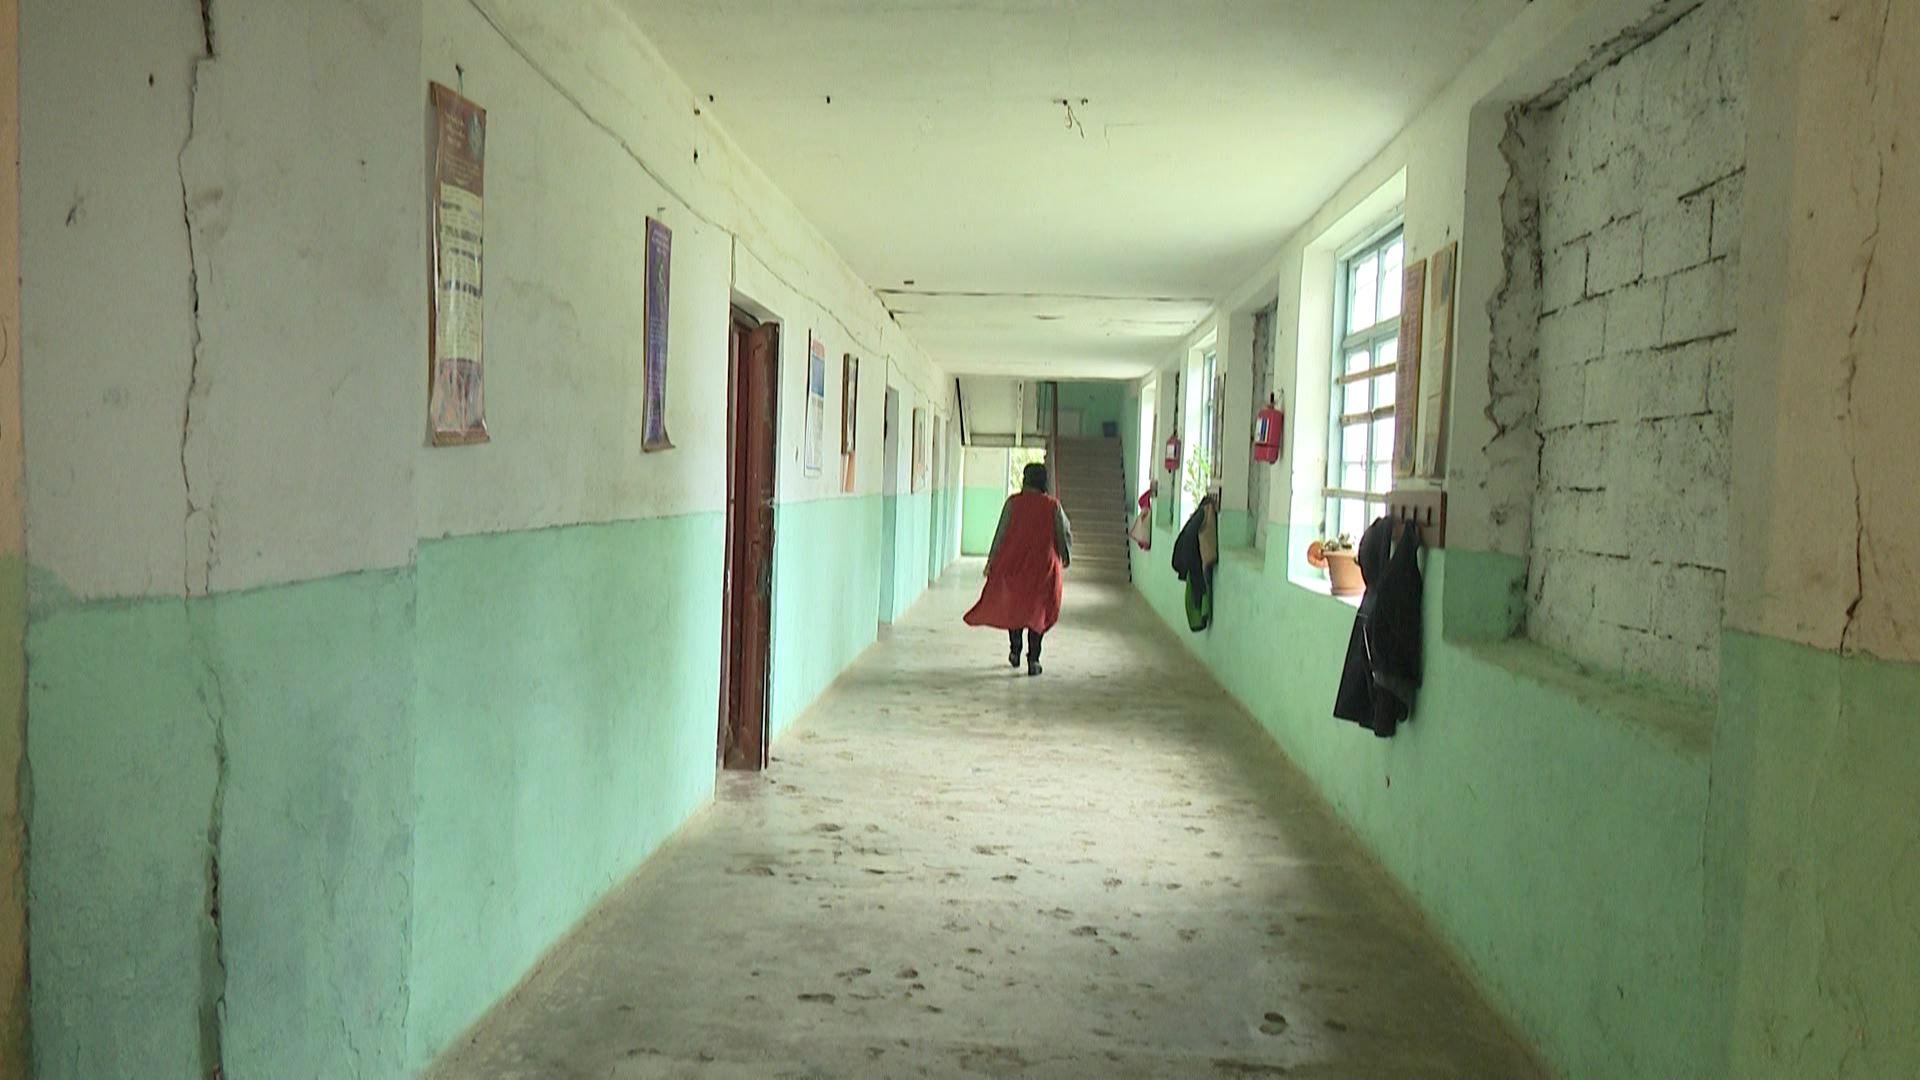 მომავალ წელს 20 სკოლის მშენებლობა - რეაბილიტაცია იგეგმება